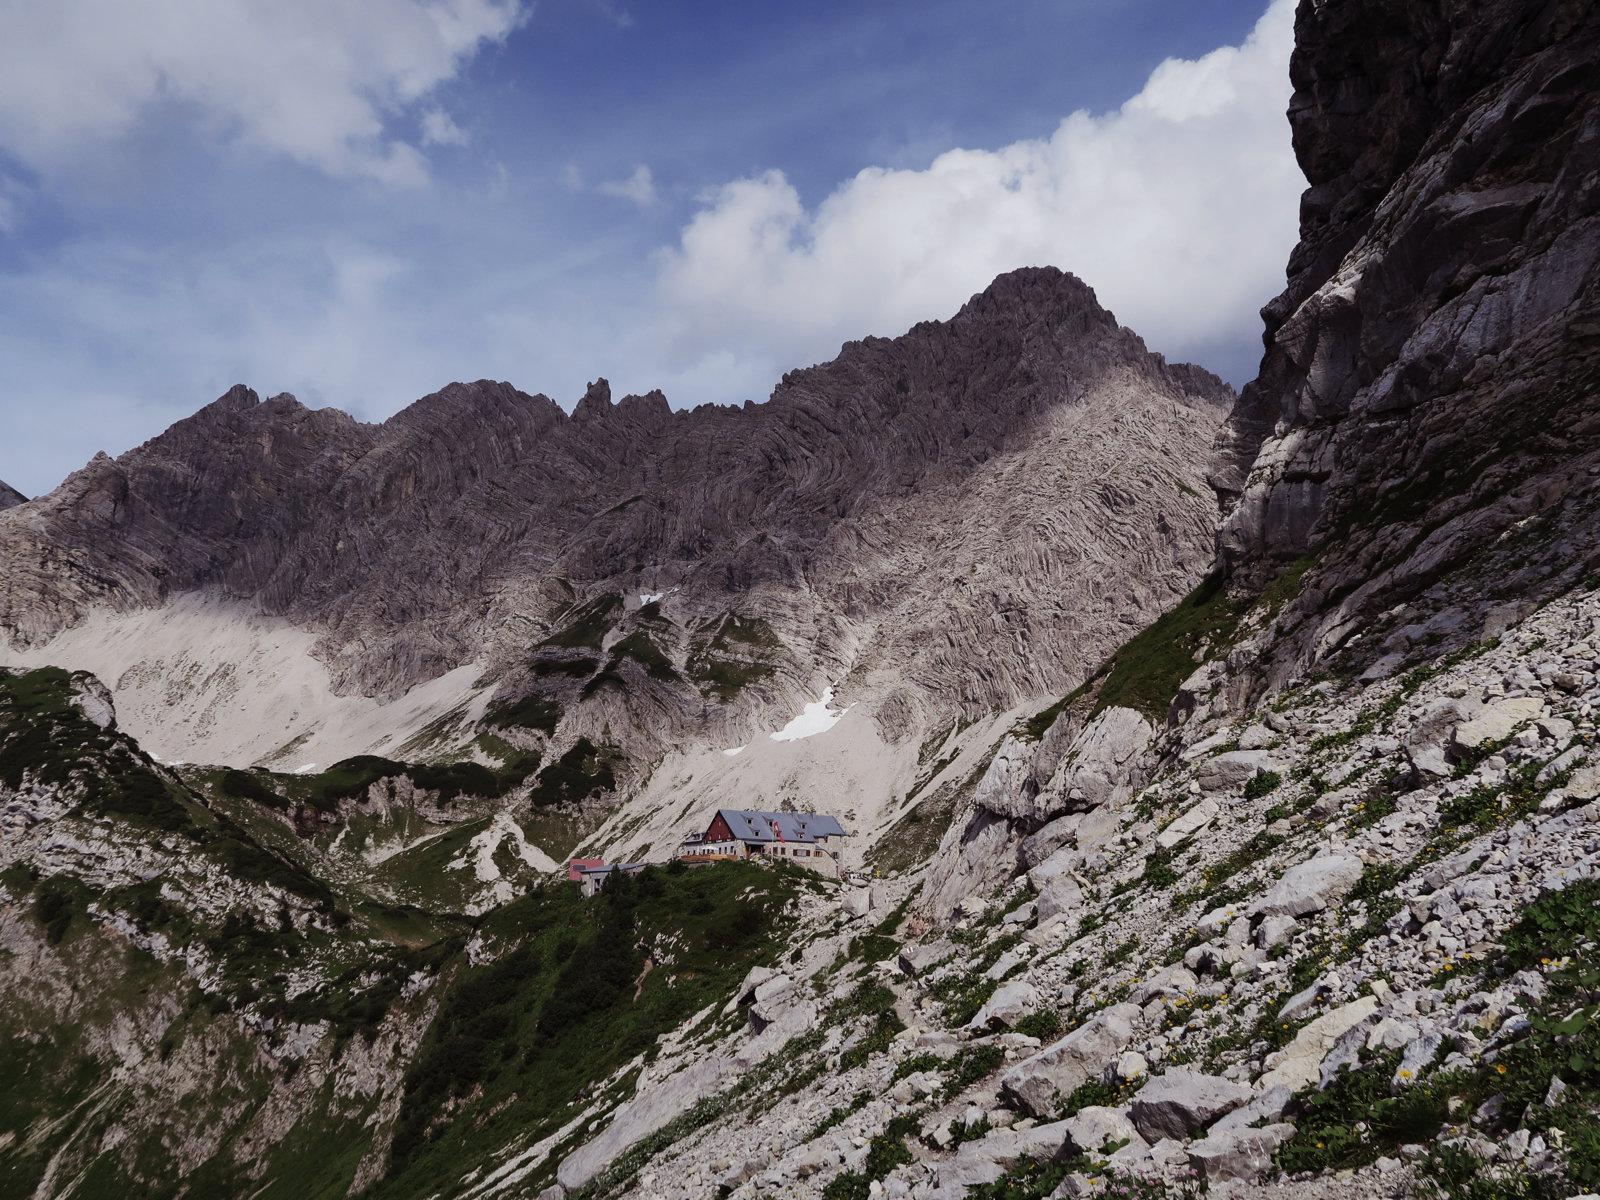 Prinz-Luitpold-Haus in Sichtweite, Hüttentour in den Allgäuer Alpen